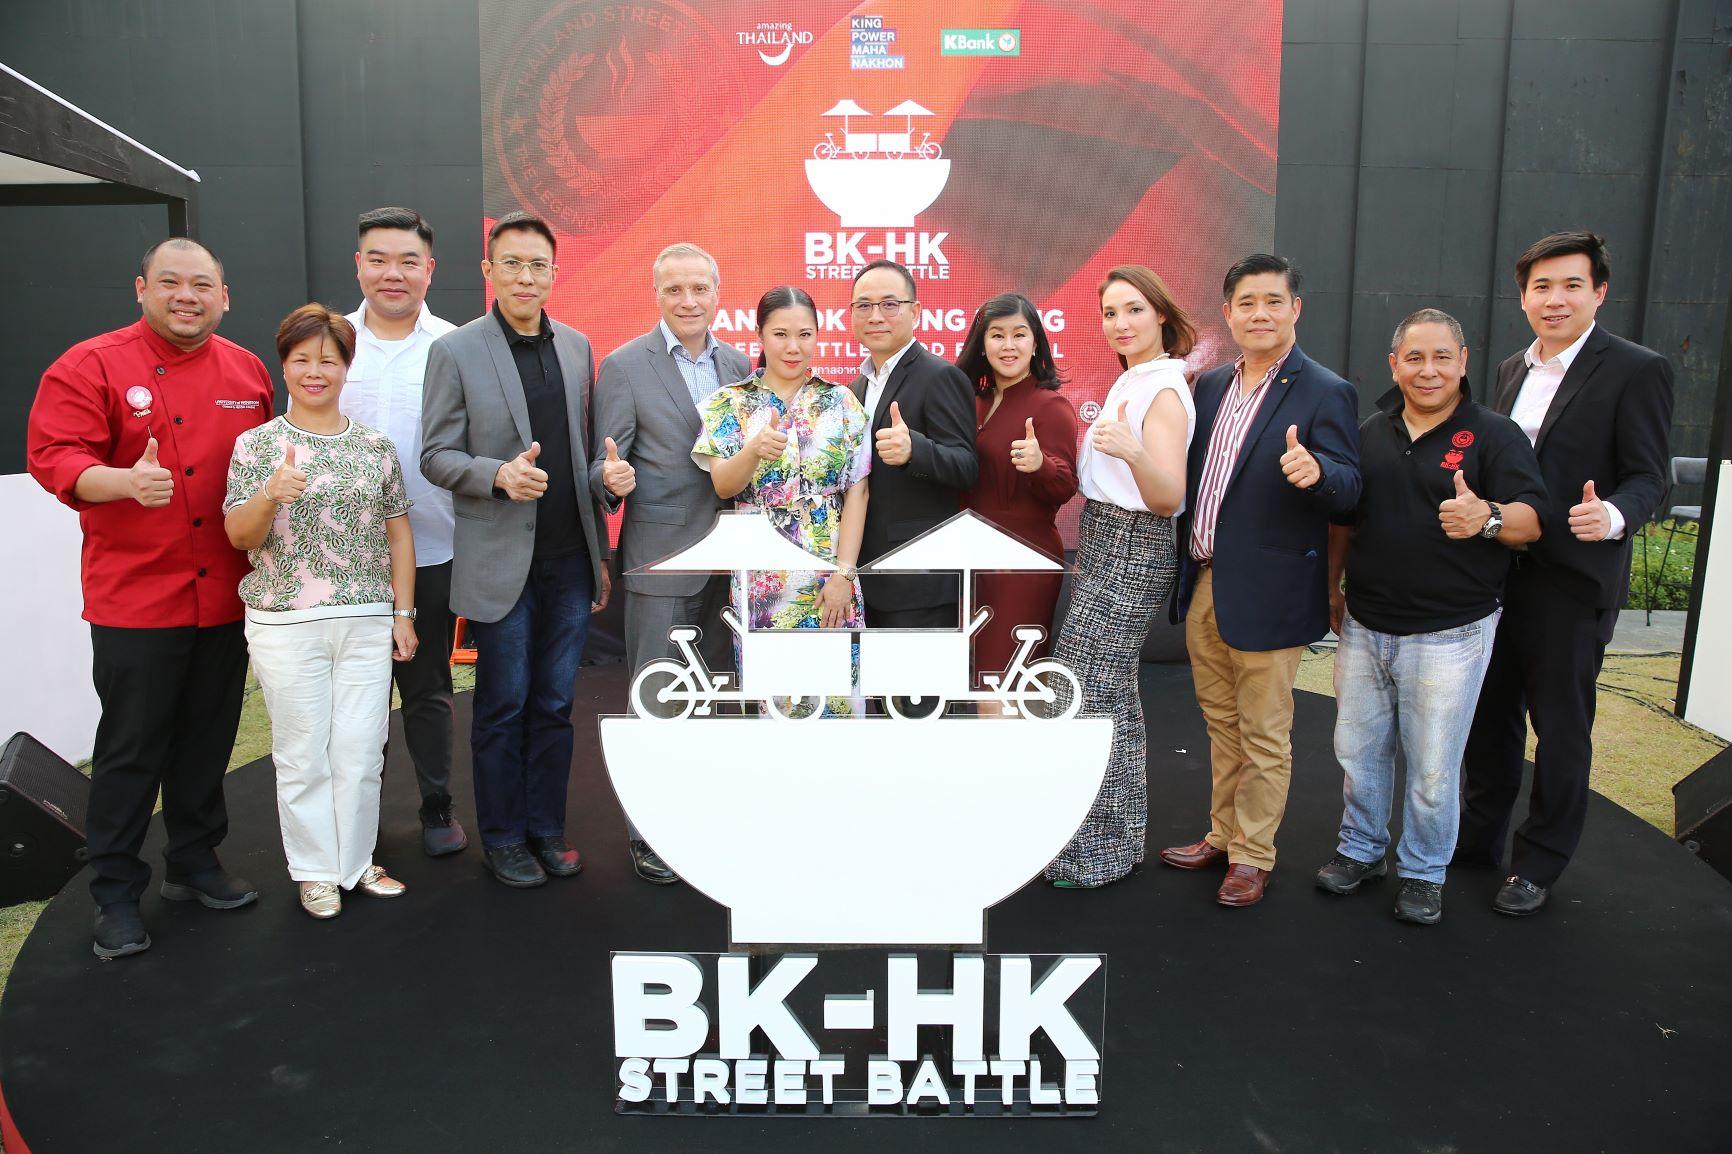 Bangkok – Hong Kong Street Battle Food Festival